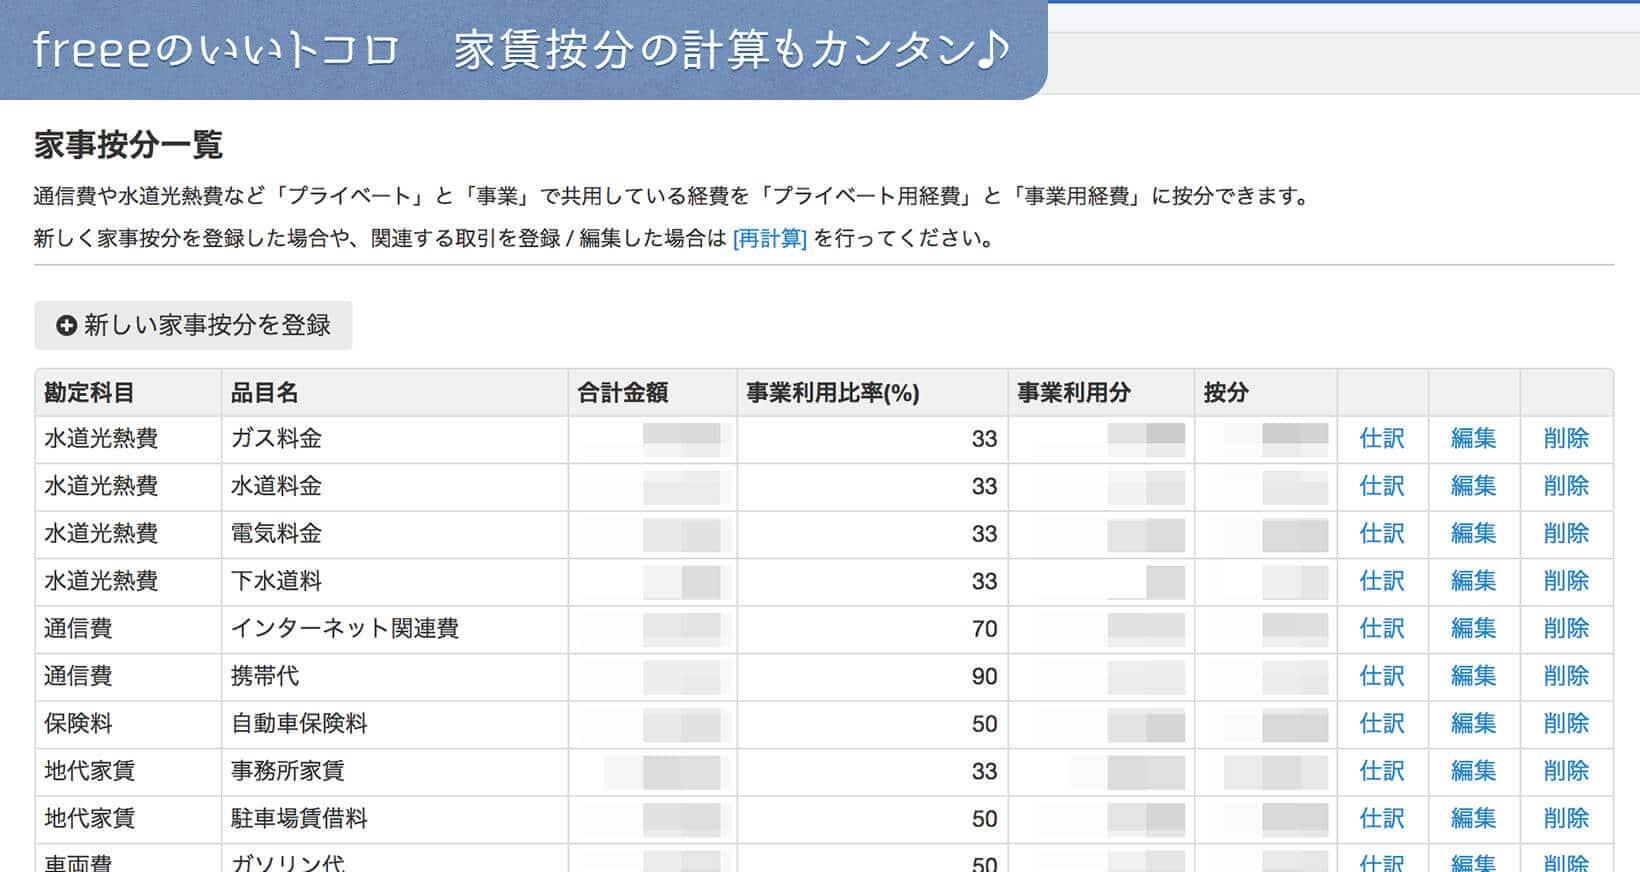 freee 確定申告 オンライン会計ソフト 家賃按分